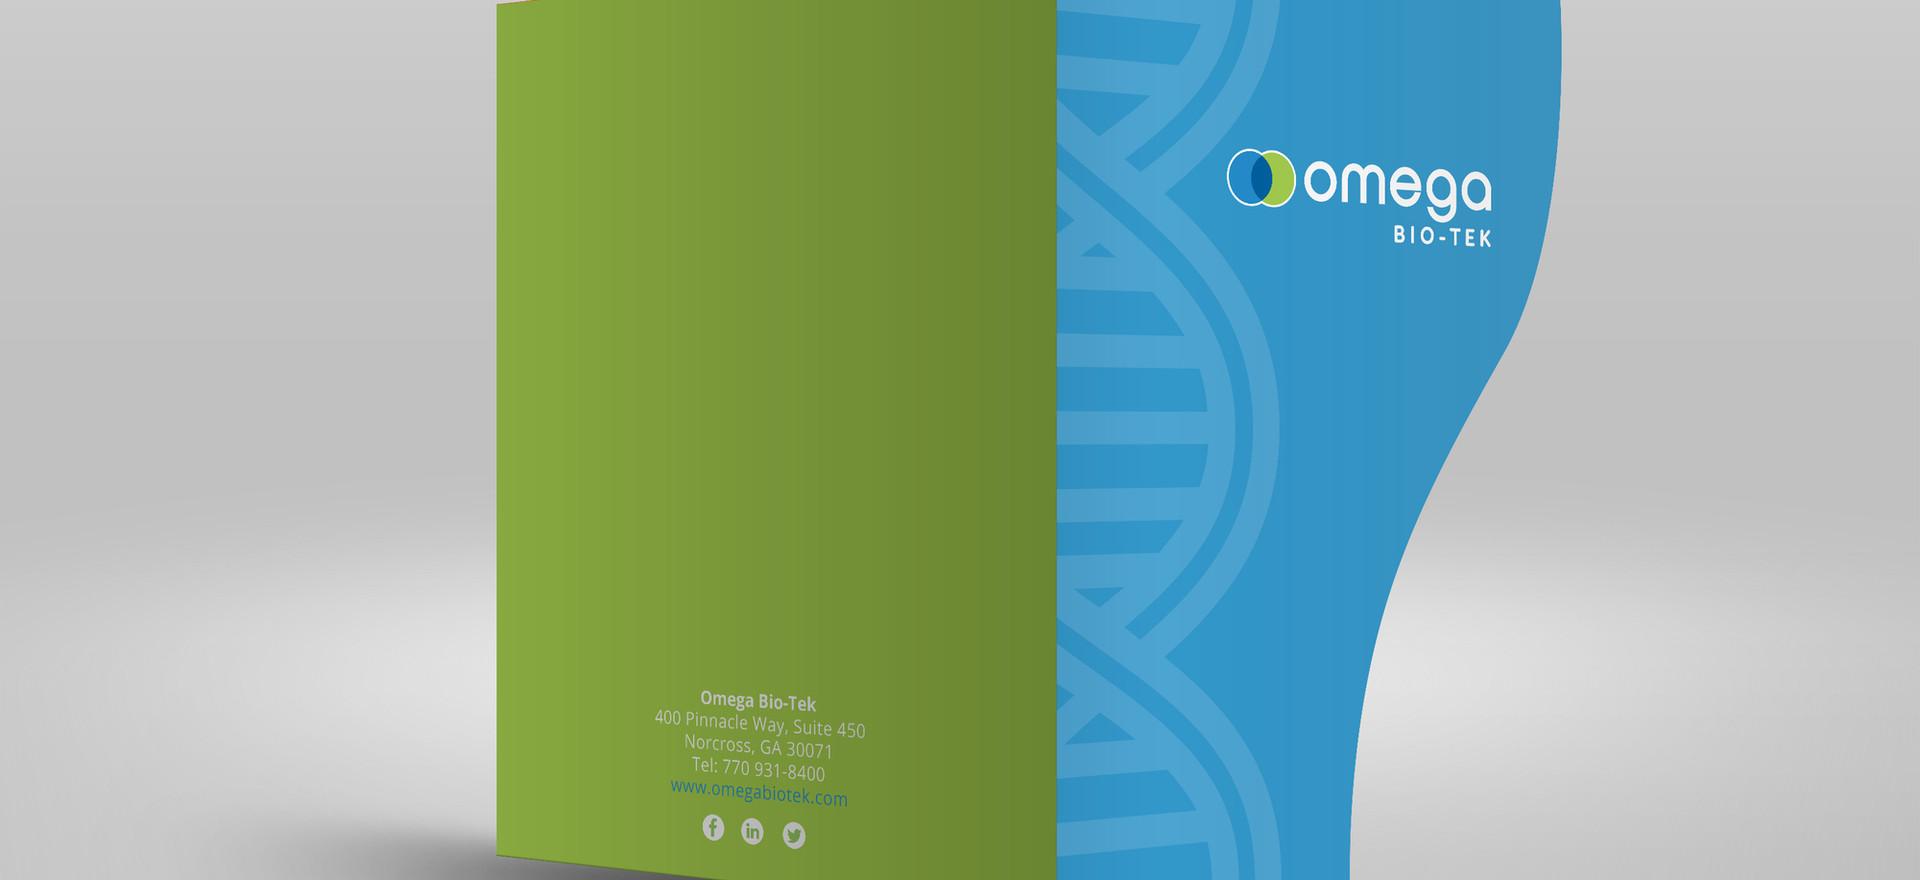 Omega Bio-tek